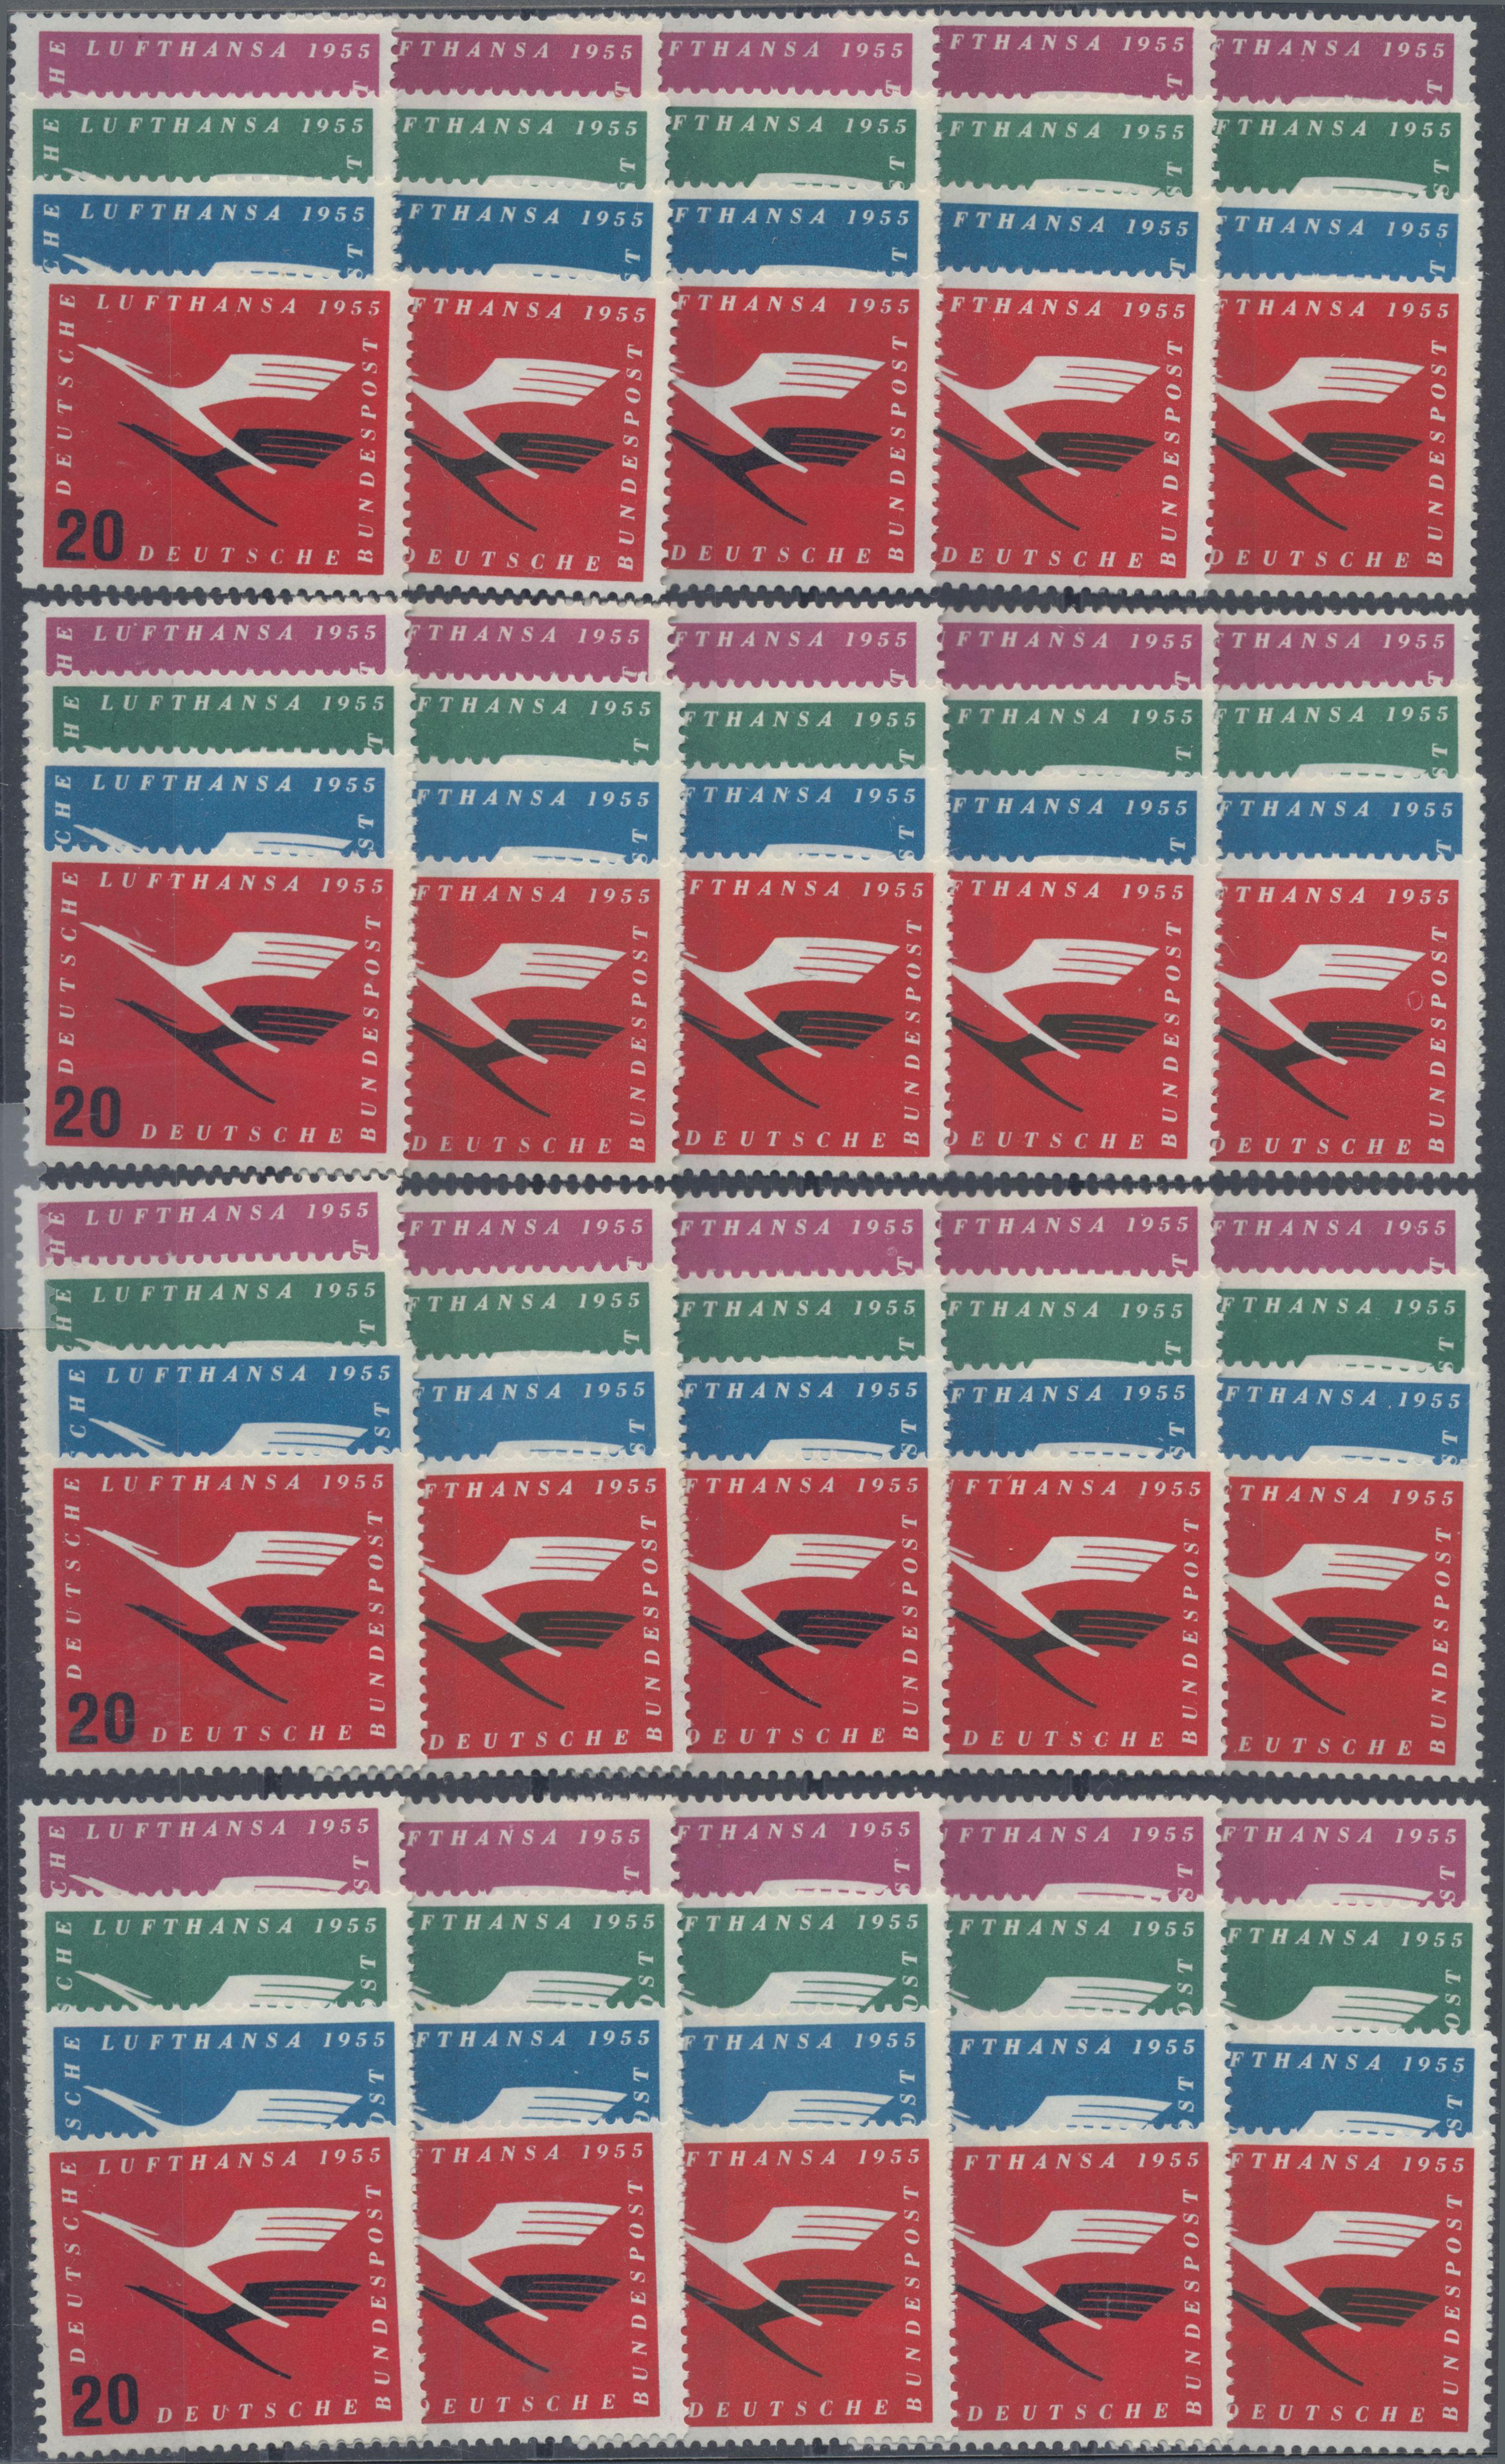 Lot 37633 - bundesrepublik deutschland  -  Auktionshaus Christoph Gärtner GmbH & Co. KG Sale #44 Collections Germany